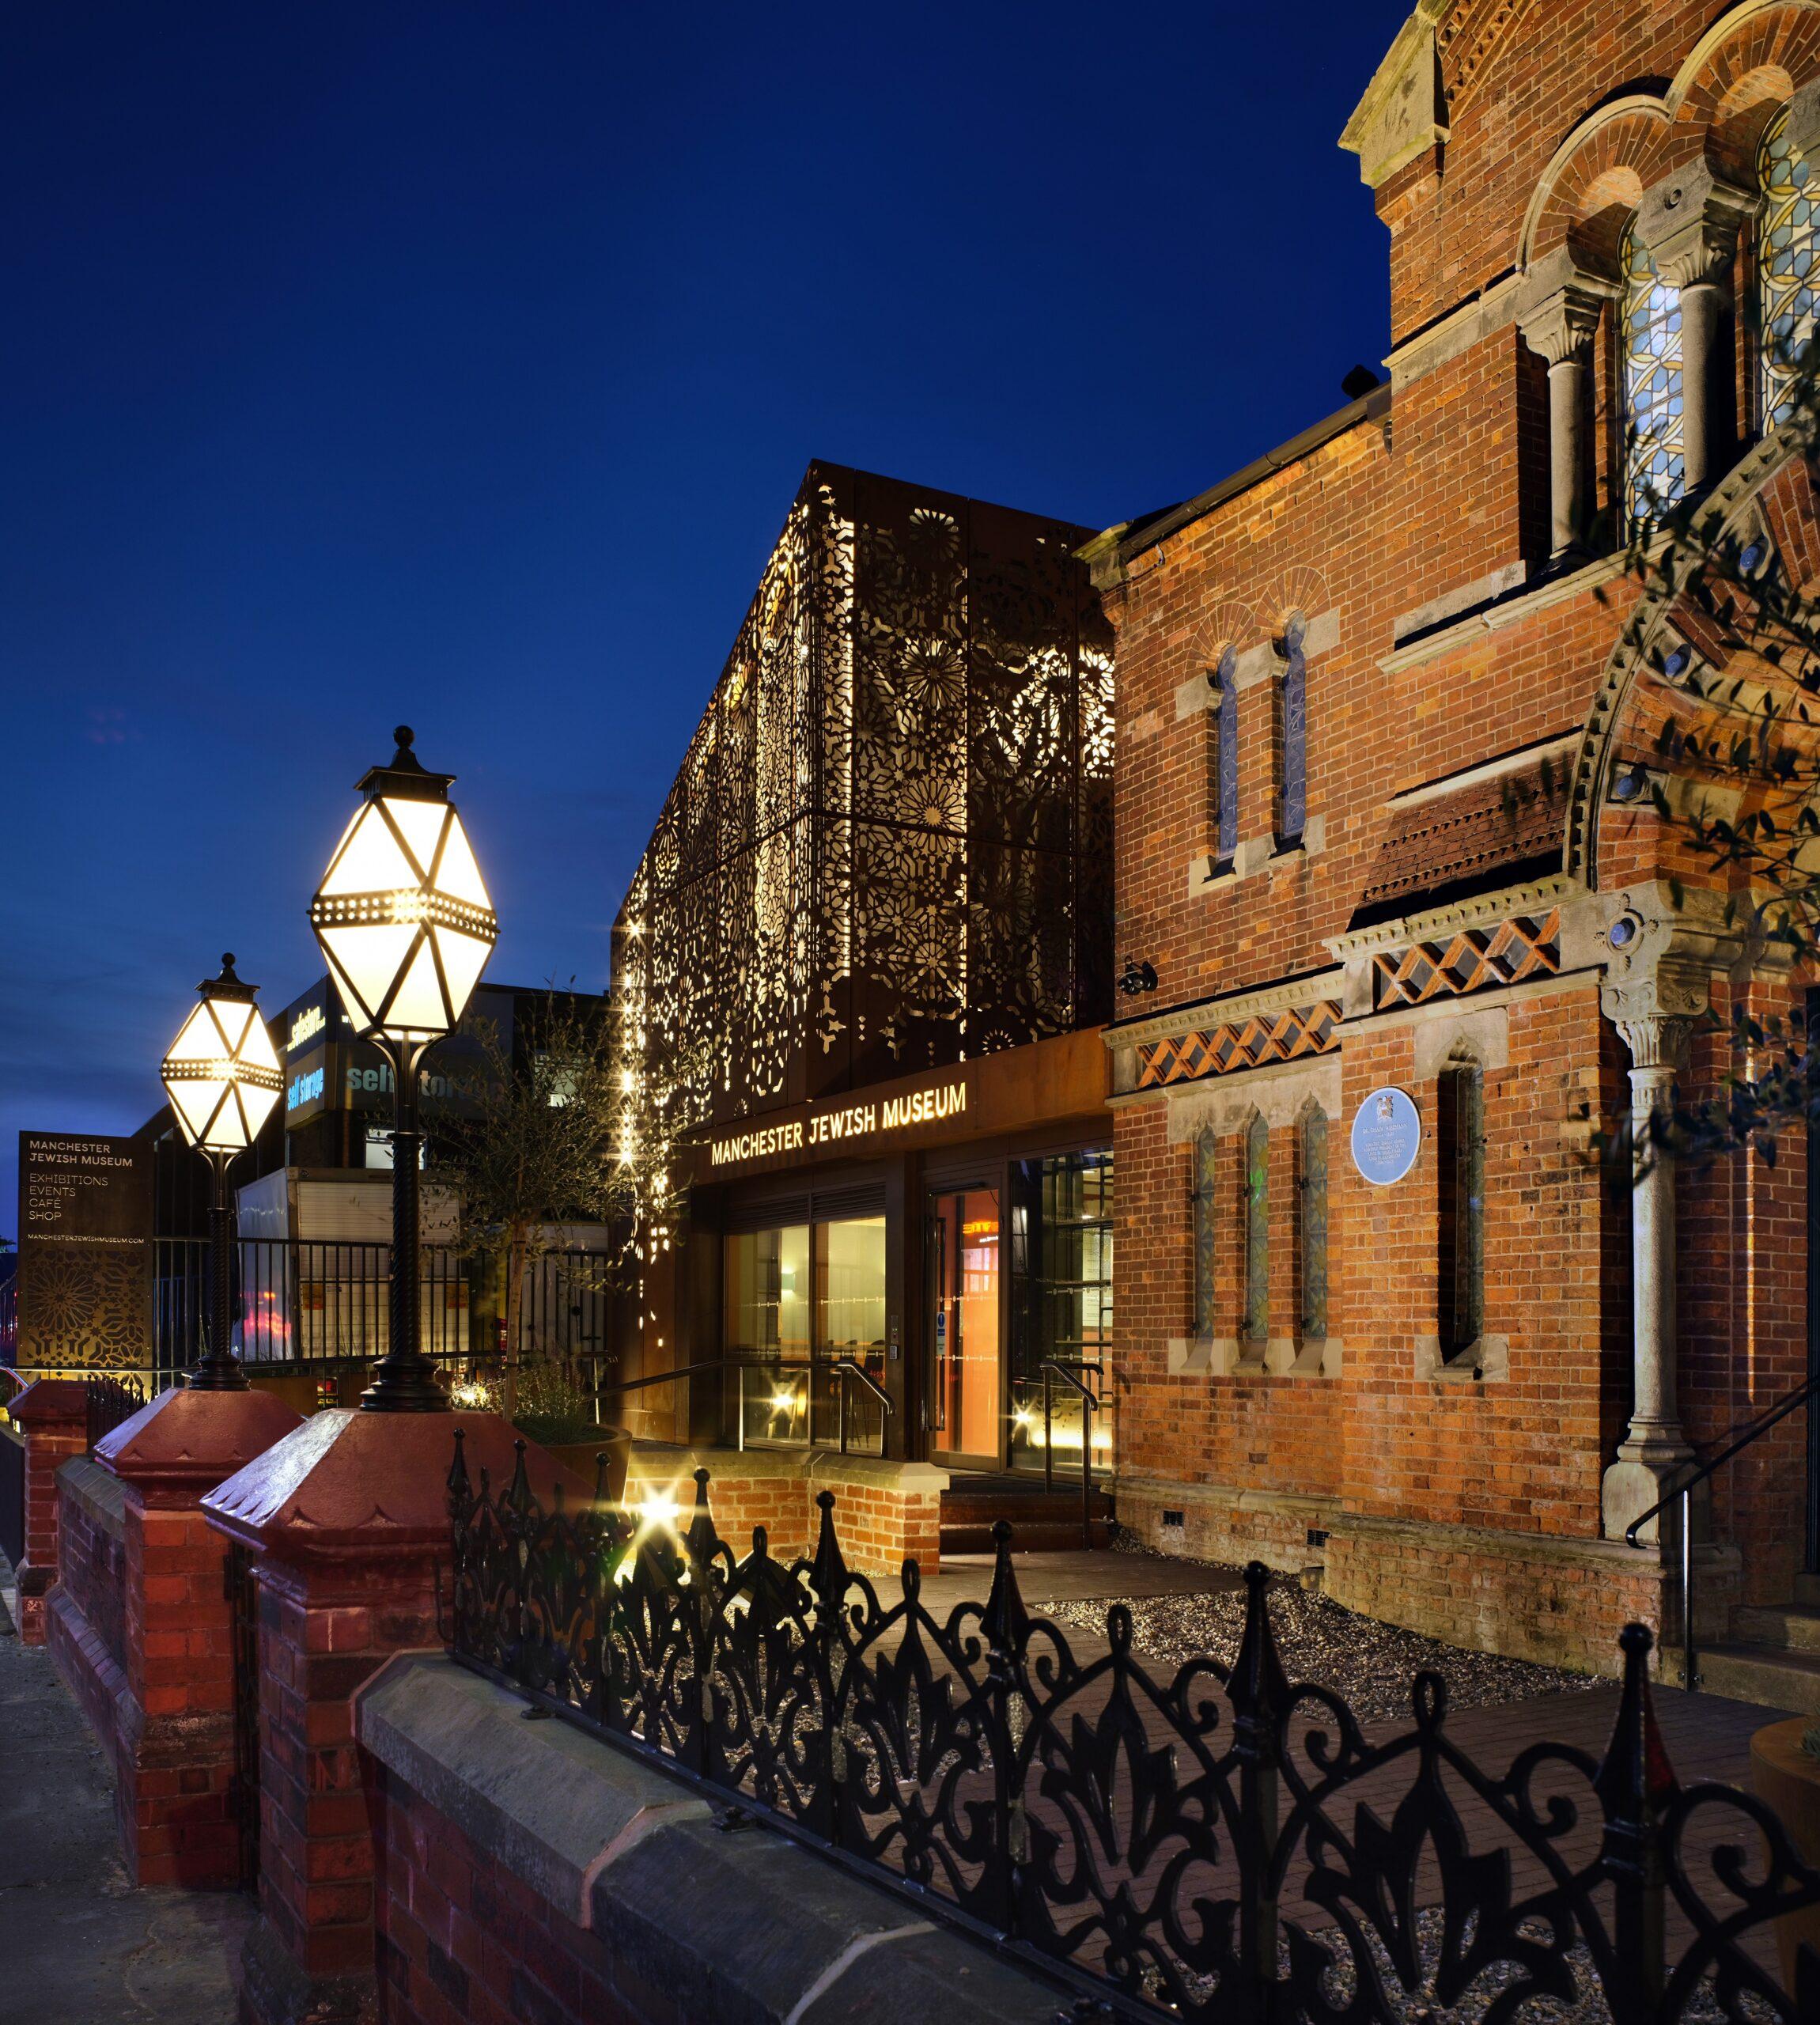 Philip Vile Manchester Jewish Museum exterior at night